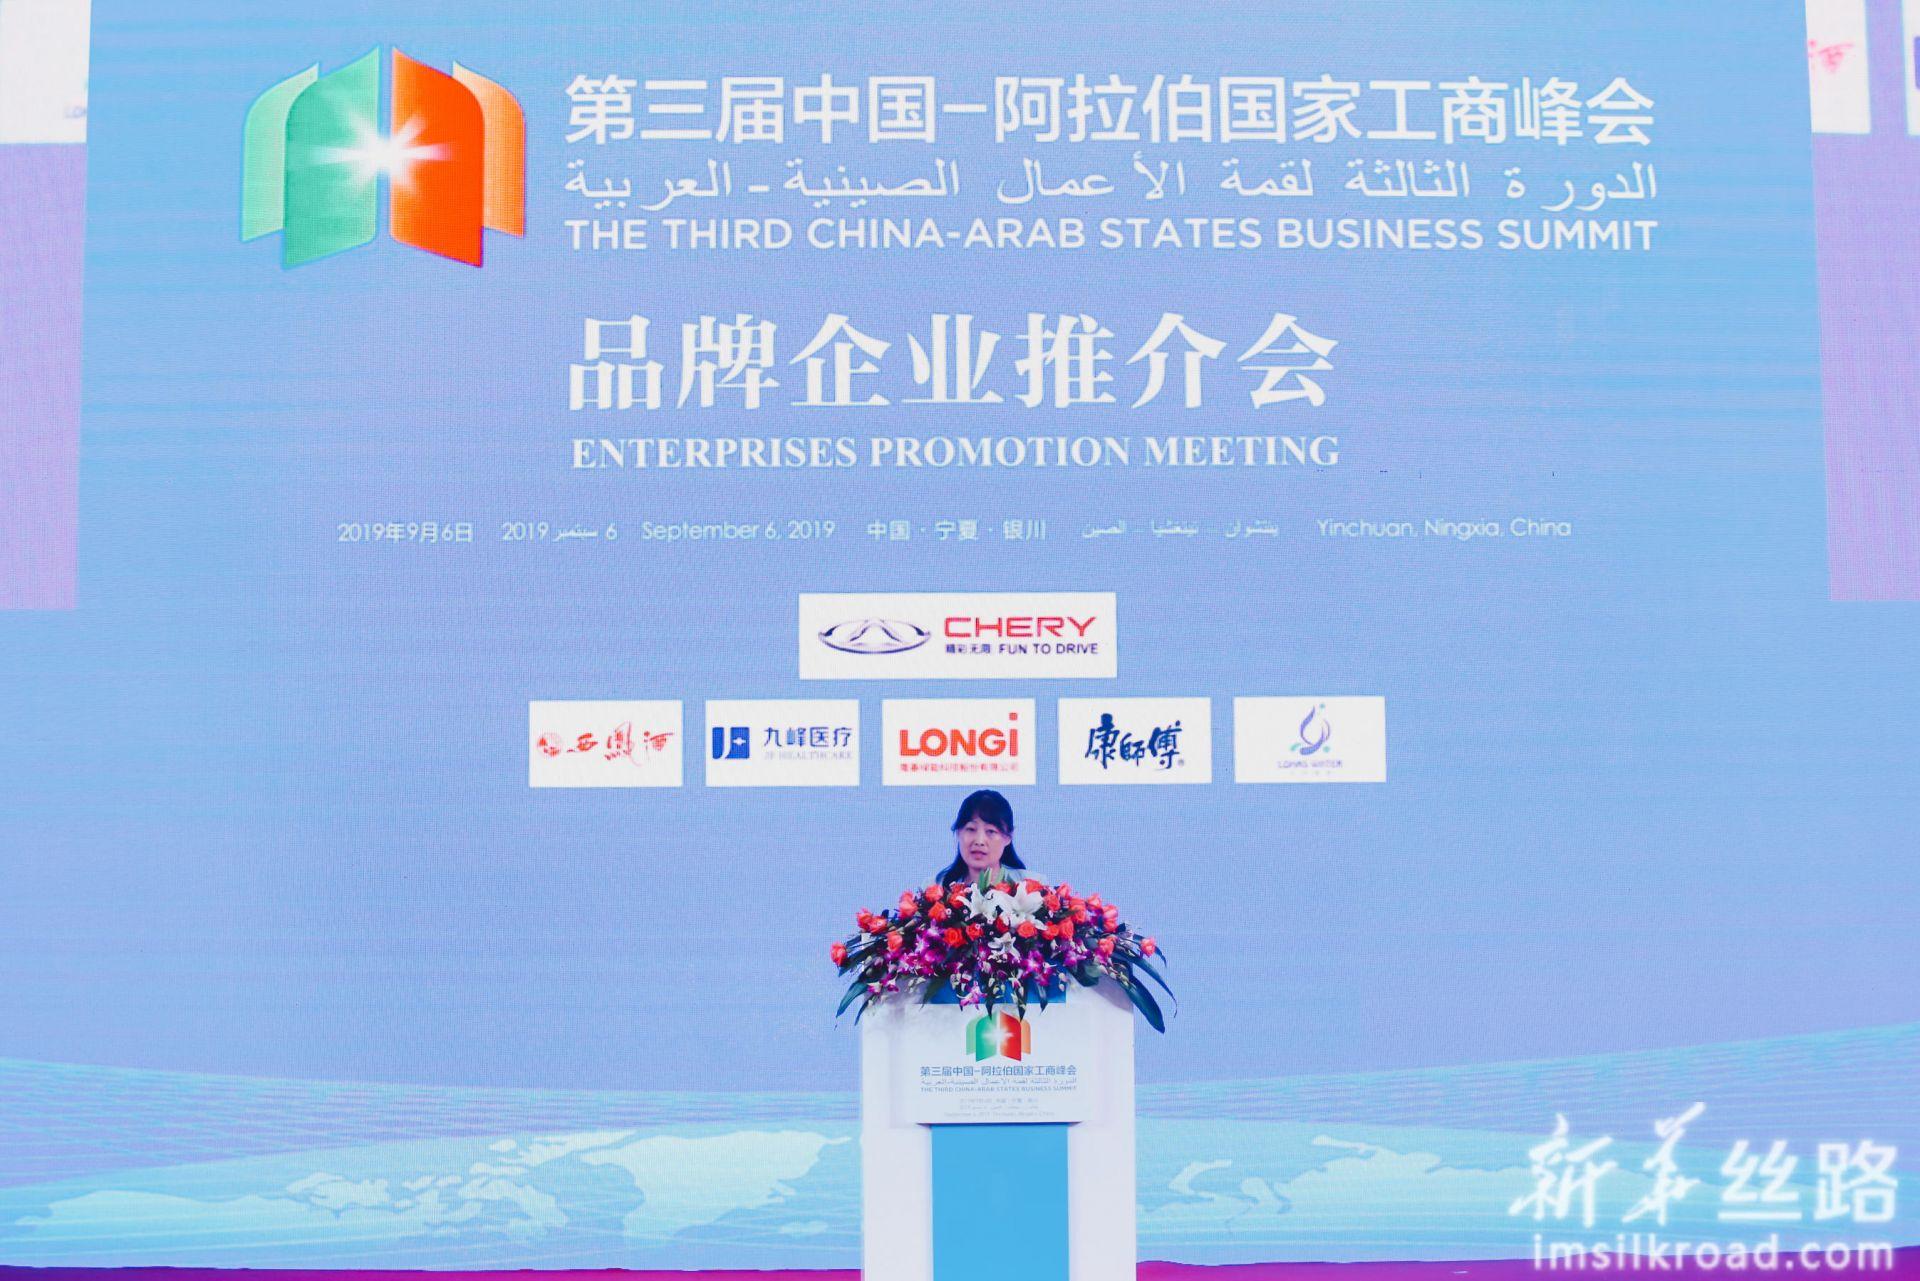 中国经济信息社副总裁、新华社民族品牌工程代表李月致辞。